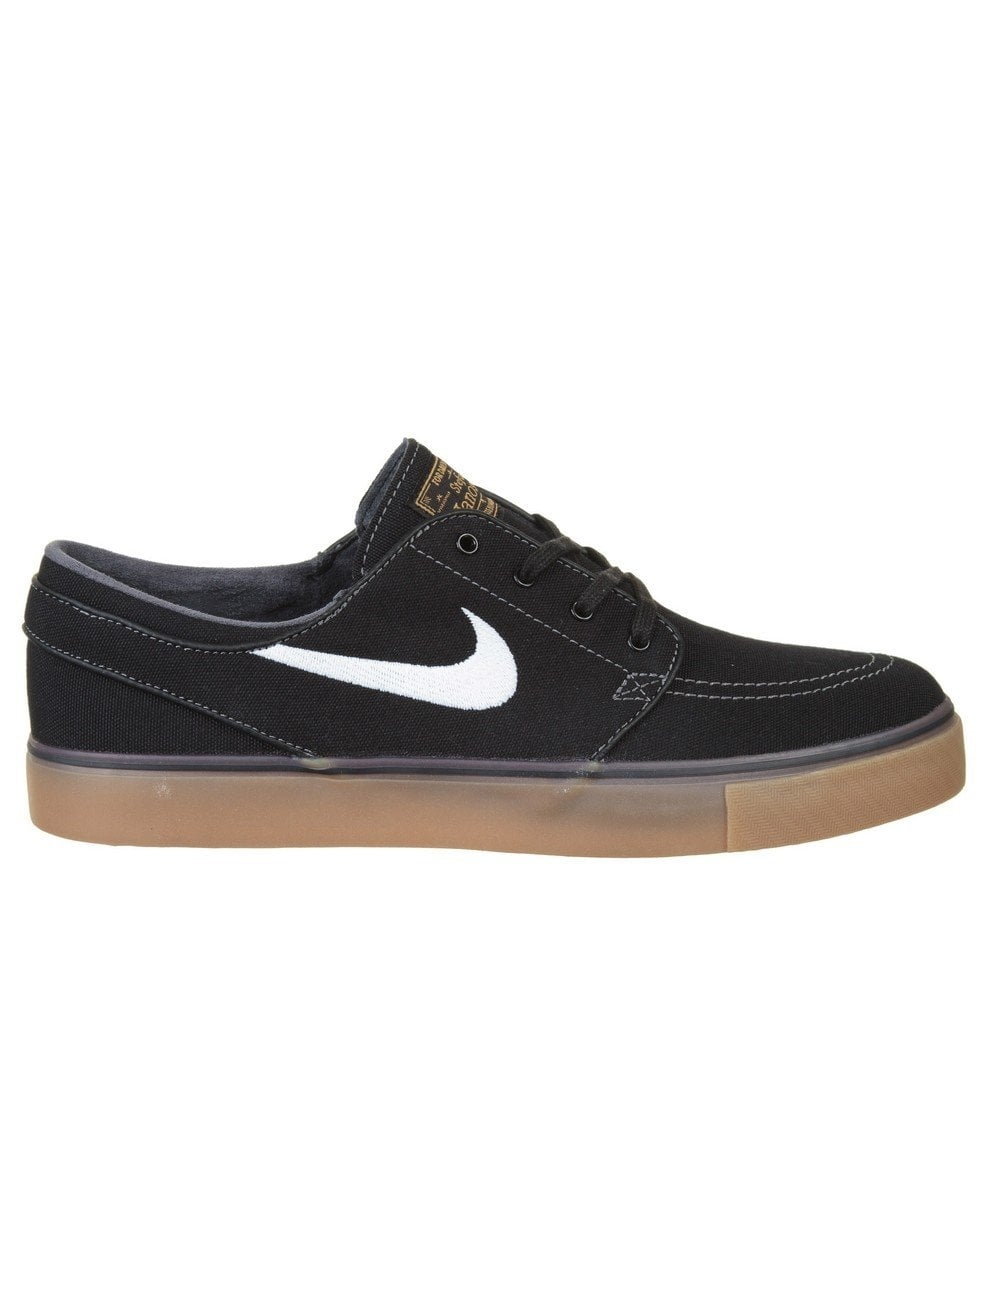 Nike SB Stefan Janoski Shoes - Black